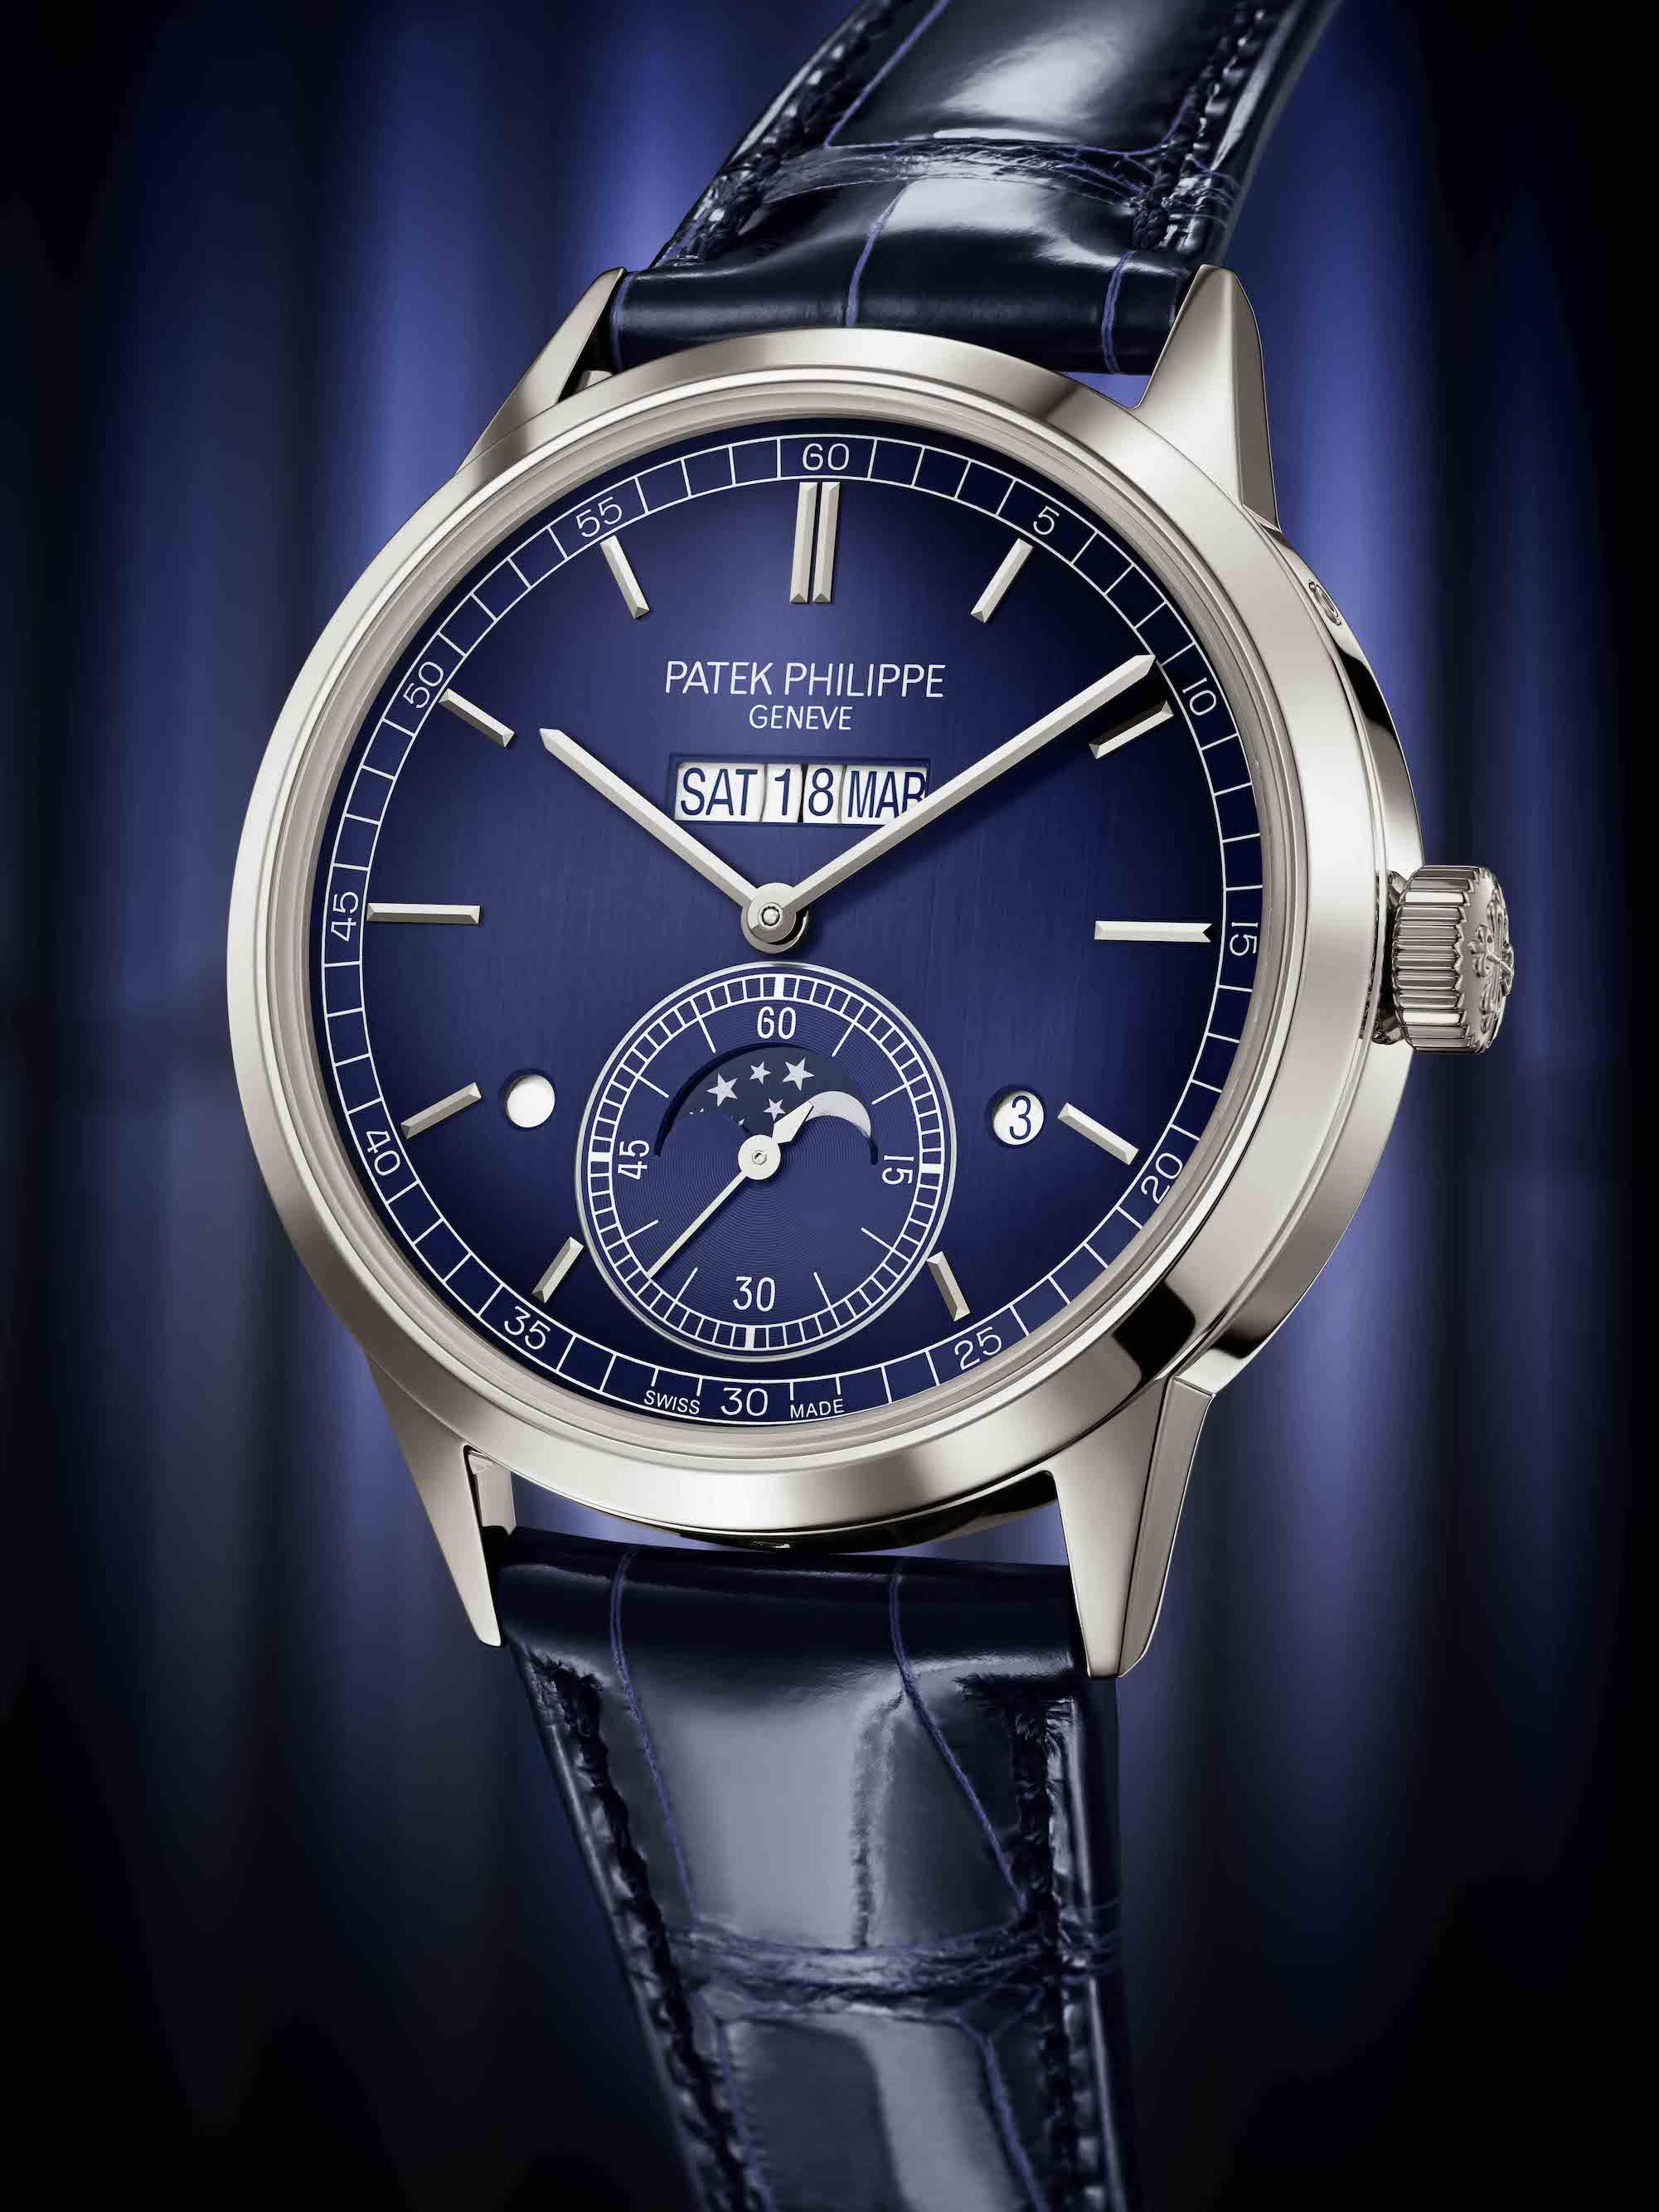 Patek Philippe Ref. 5236P in-line perpetual calendar watch, Watches & Wonders 2021